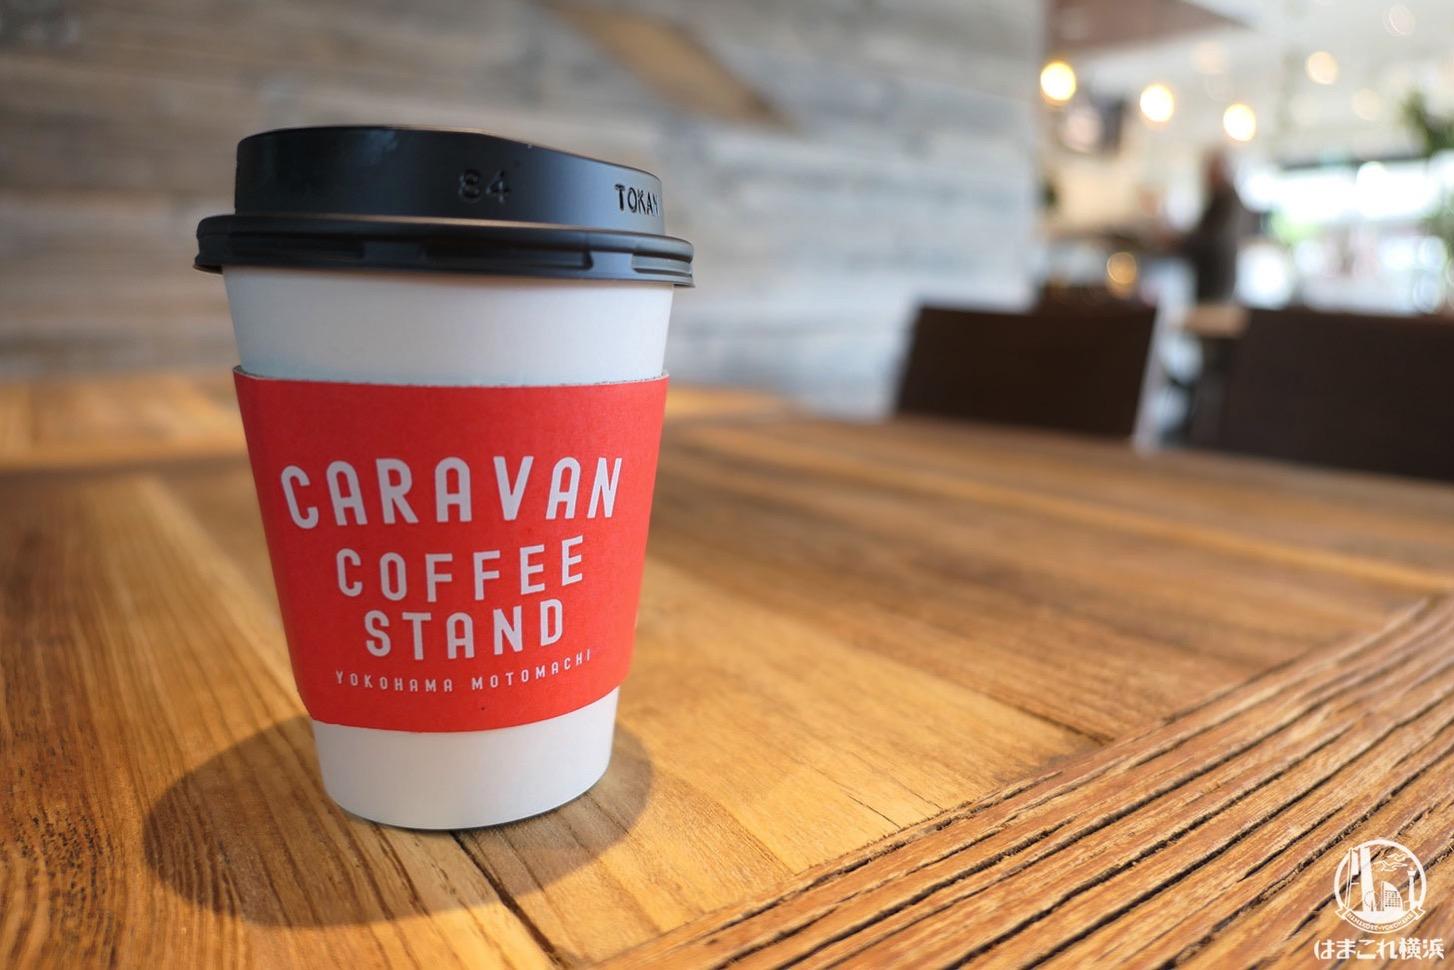 キャラバンコーヒースタンド モーニングセット 本日のコーヒー